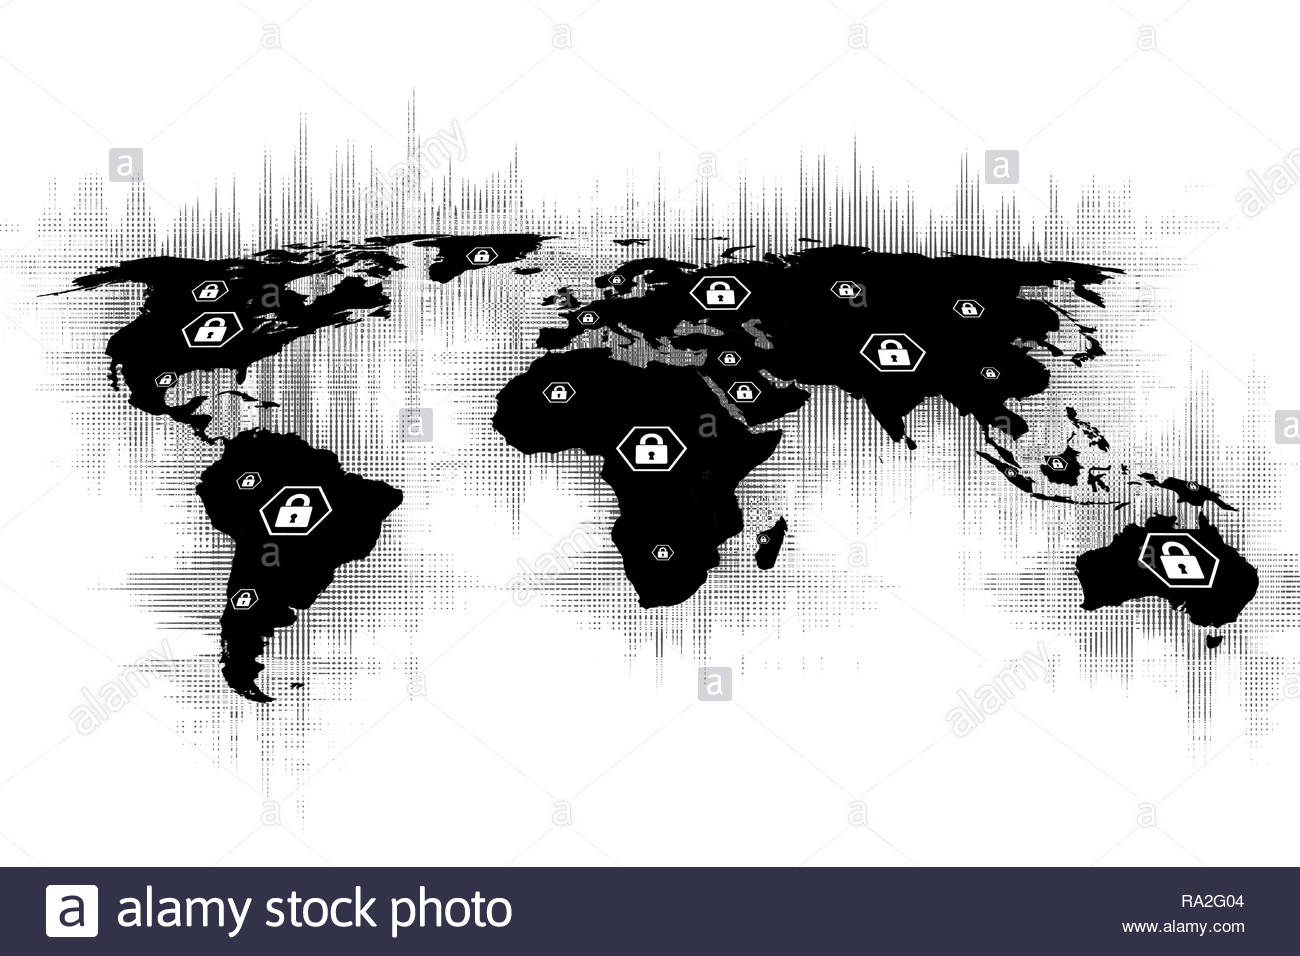 Immagine di una mappa del mondo con texture futuristico e icone di lucchetti nei continenti. Mappa del mondo con i vettori di lucchetto di sicurezza per internet o virtual secur Immagini Stock